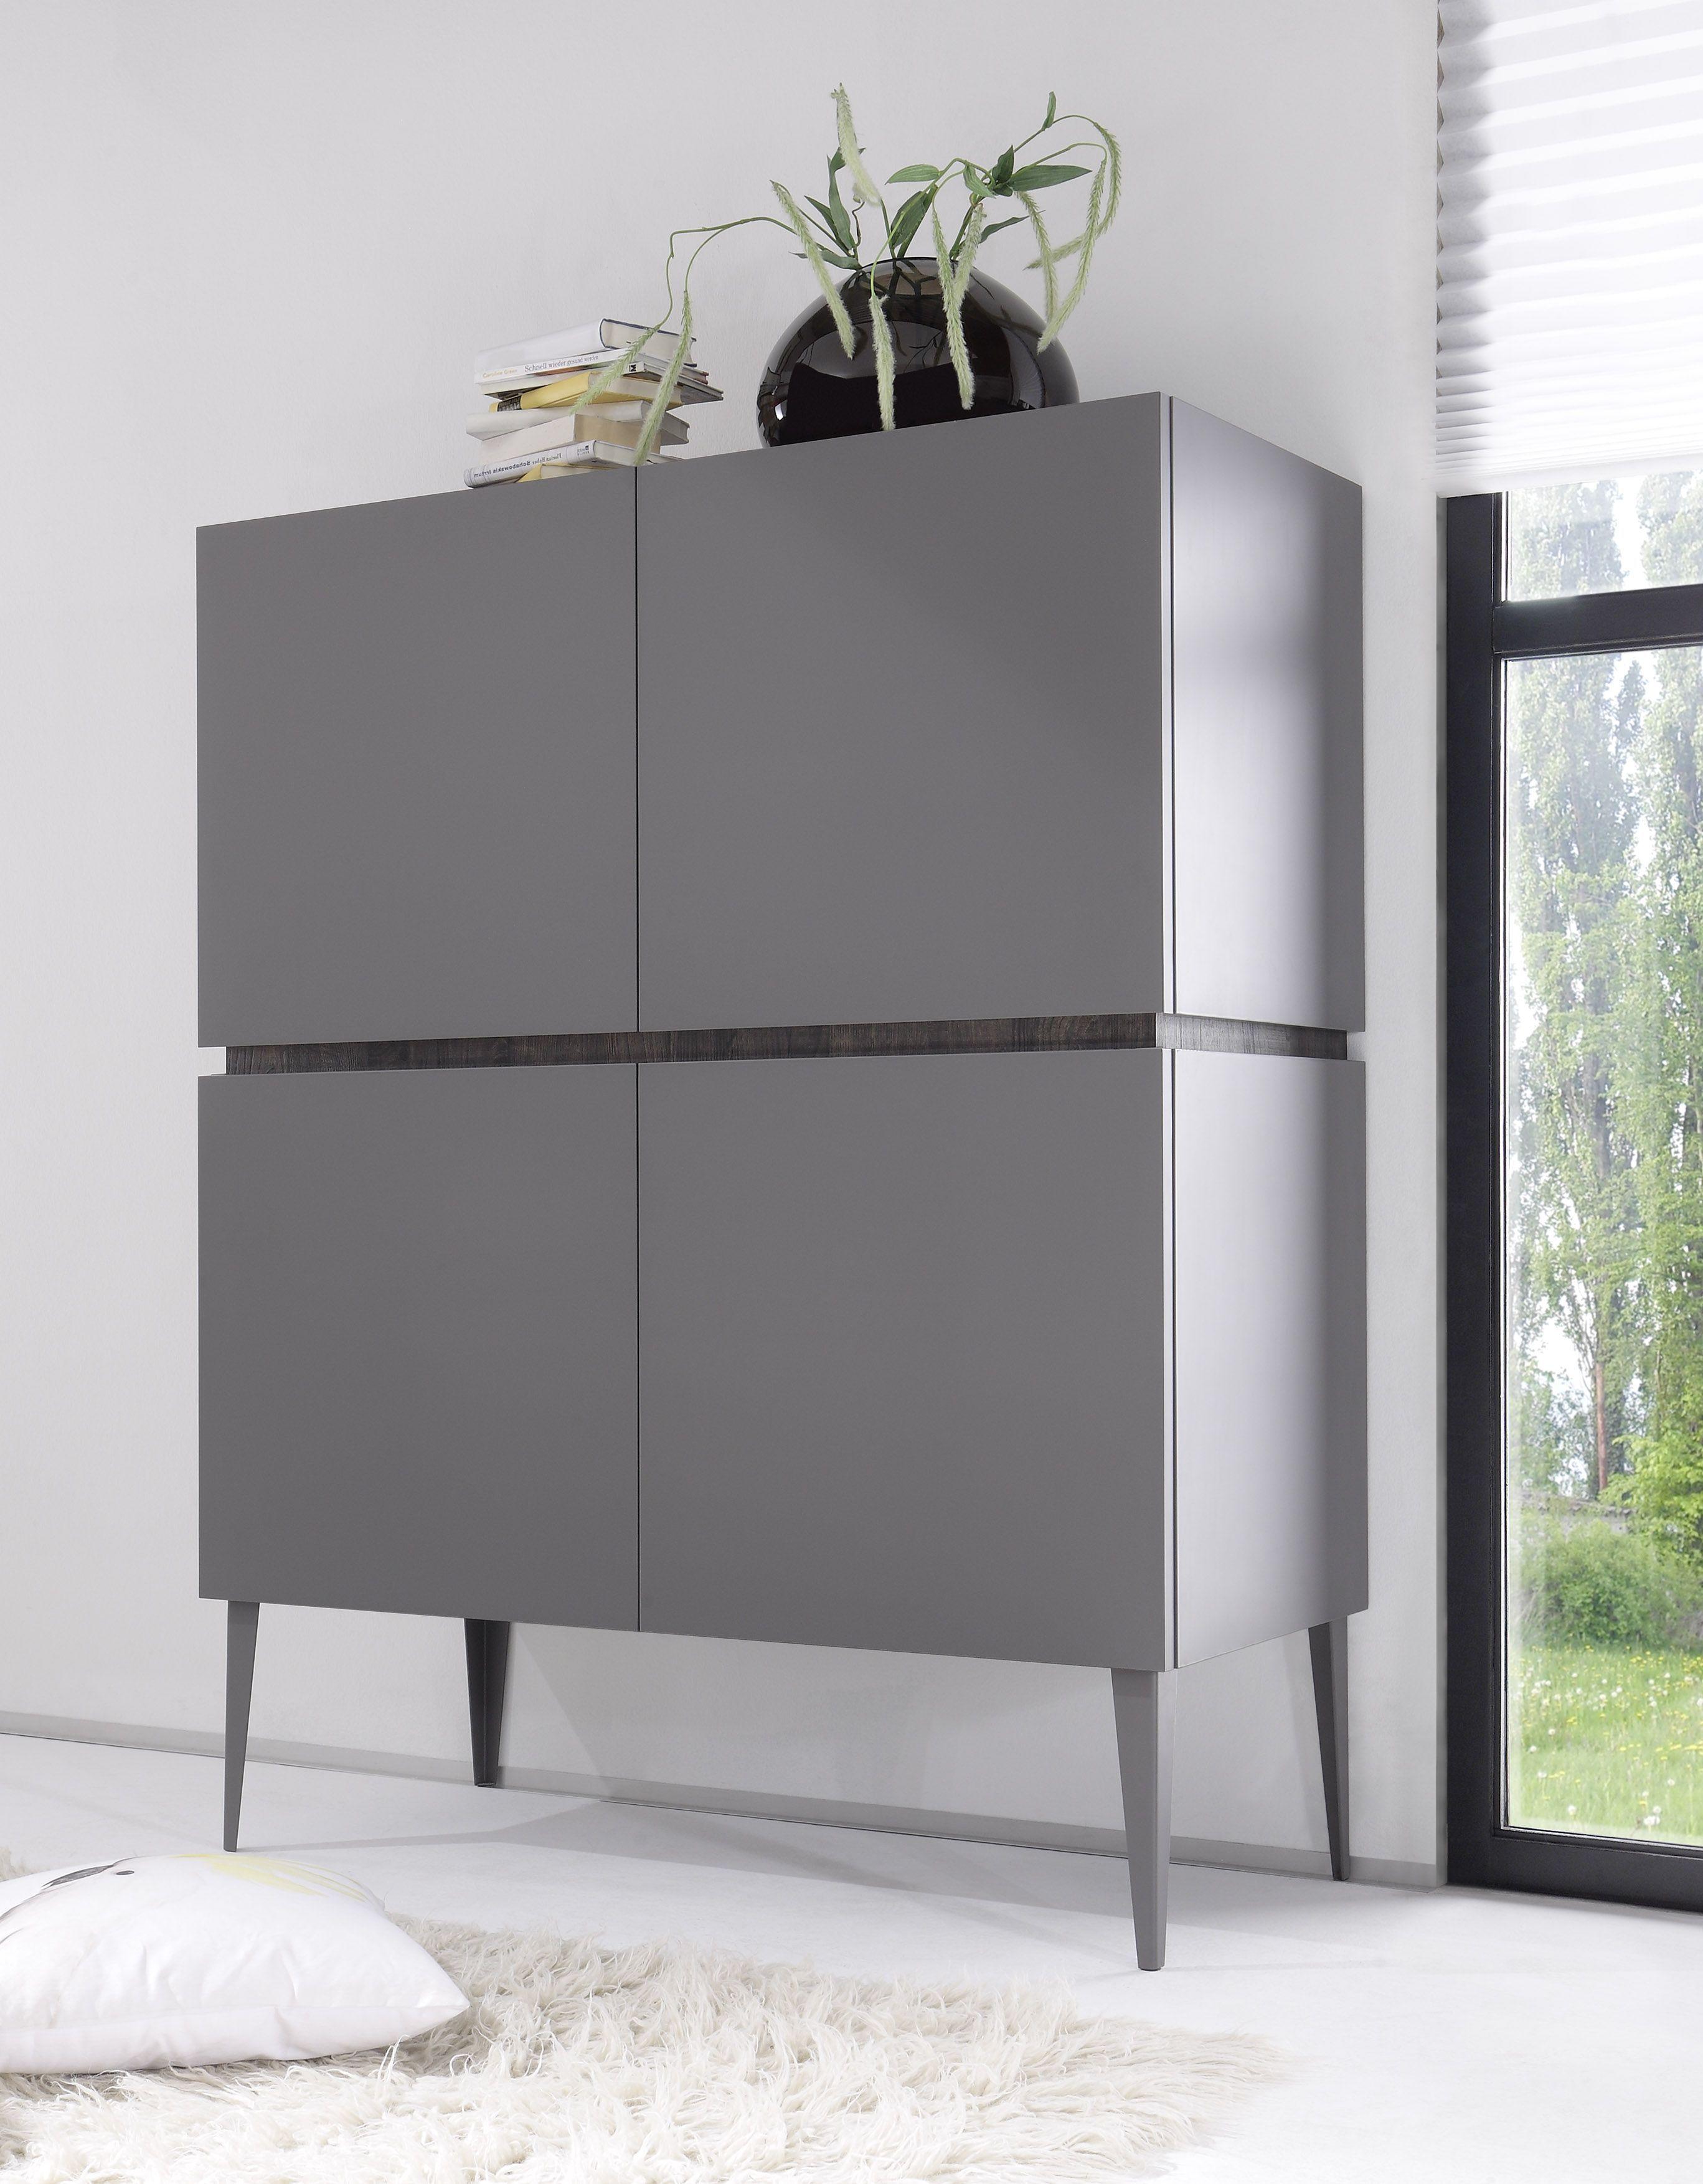 Pin By Laczi Szabolcs On Decorative Furniture In 2020 Small Living Room Decor Furniture Decor Furniture